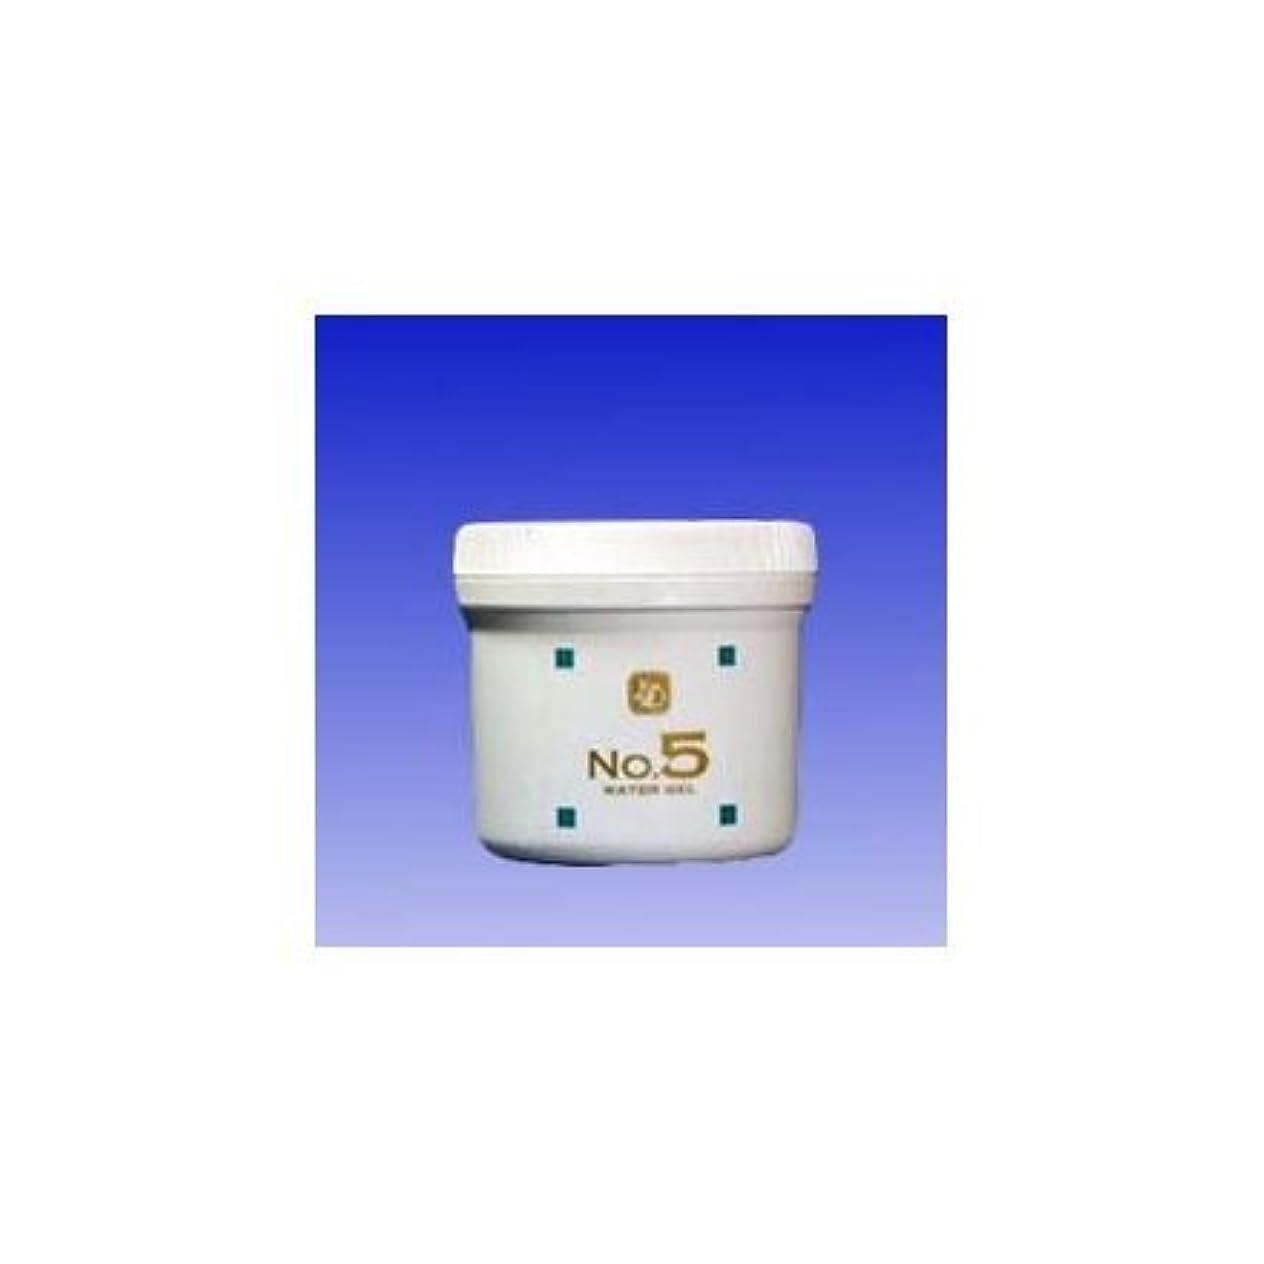 塗抹エンゲージメントマラドロイト顔を洗う水 ウォーターグルNO5 500g